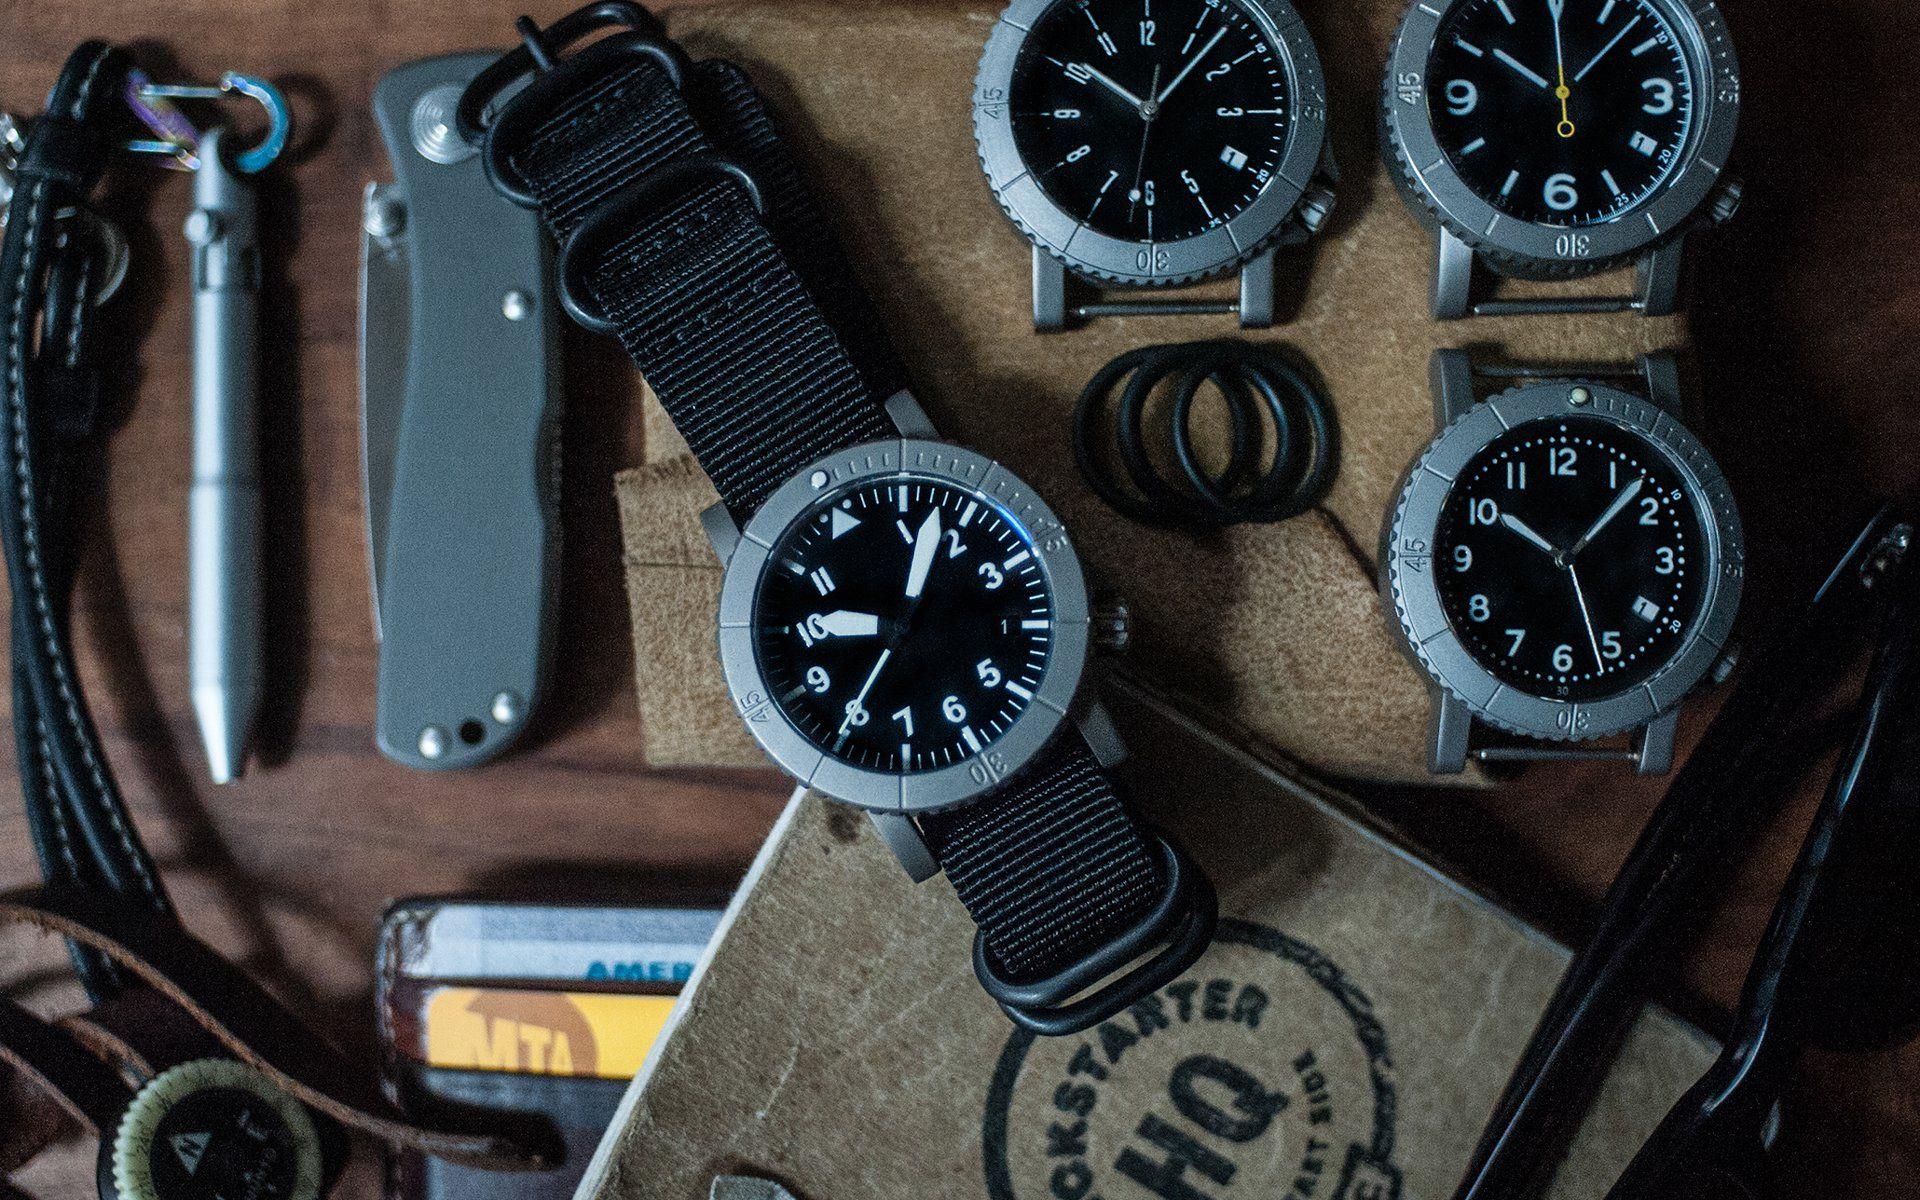 Redux Courg Titanium Hybrid Watch Watches Pinterest Casio Gshock Original Gd 100ms 3er Limited Colorway